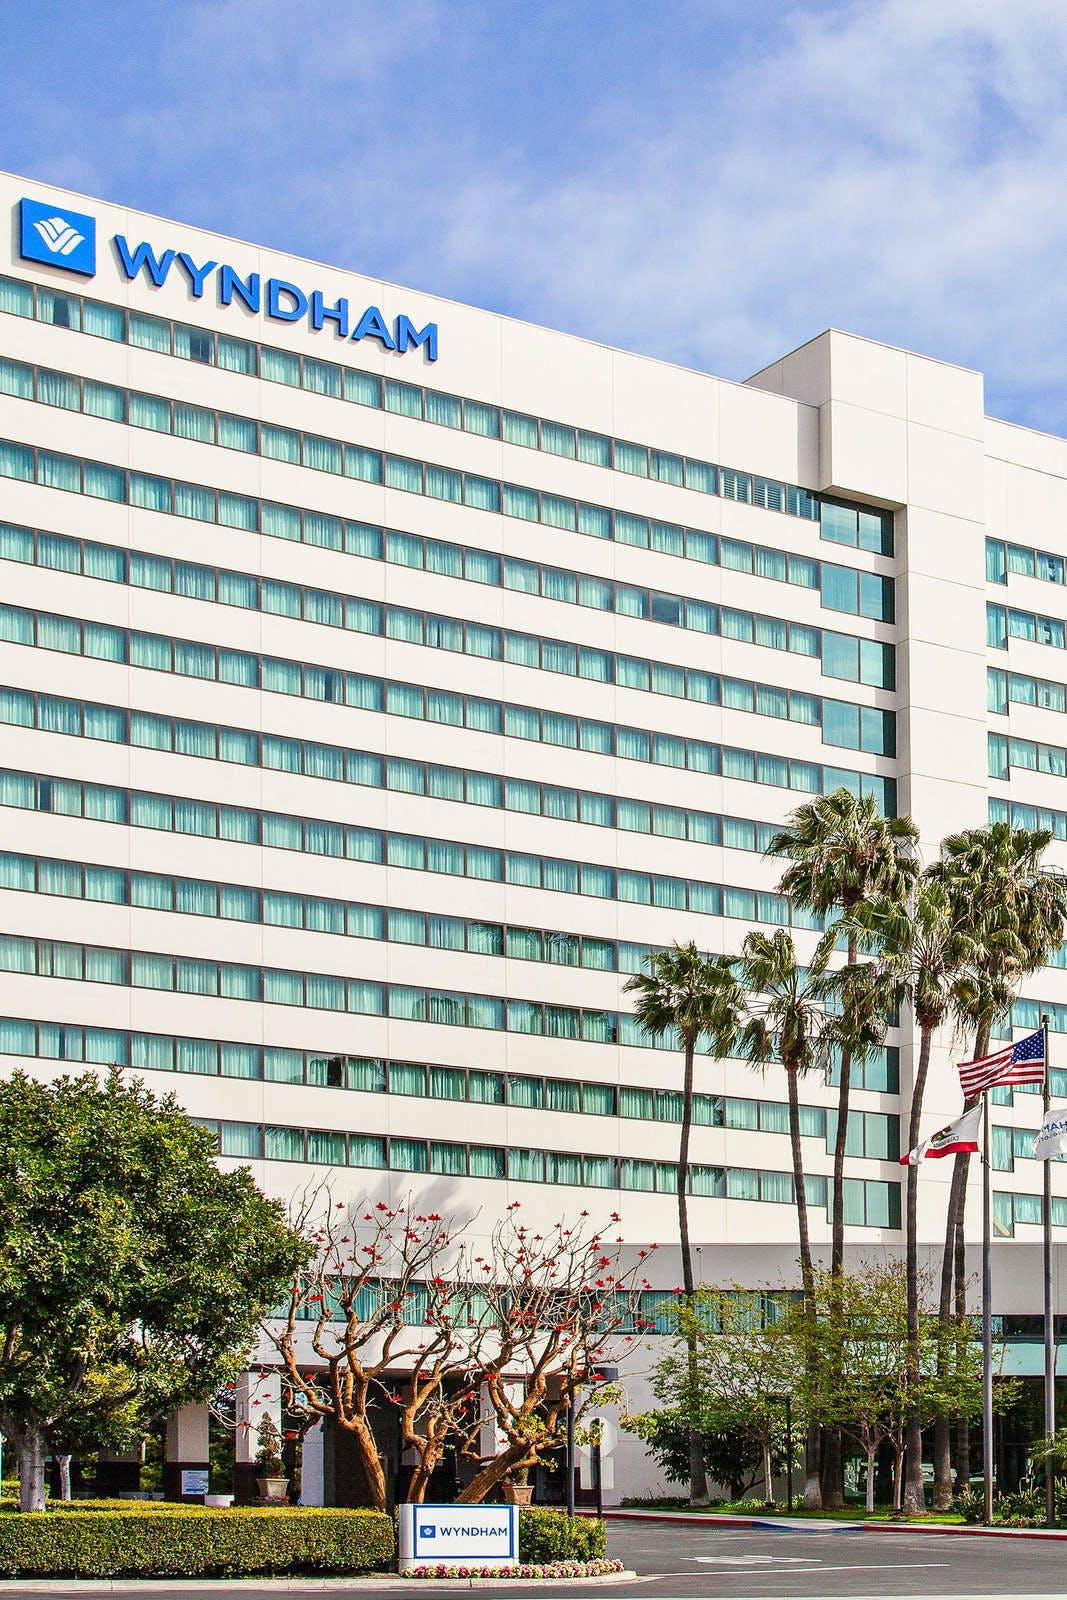 Wyndham Irvine Orange County Airport